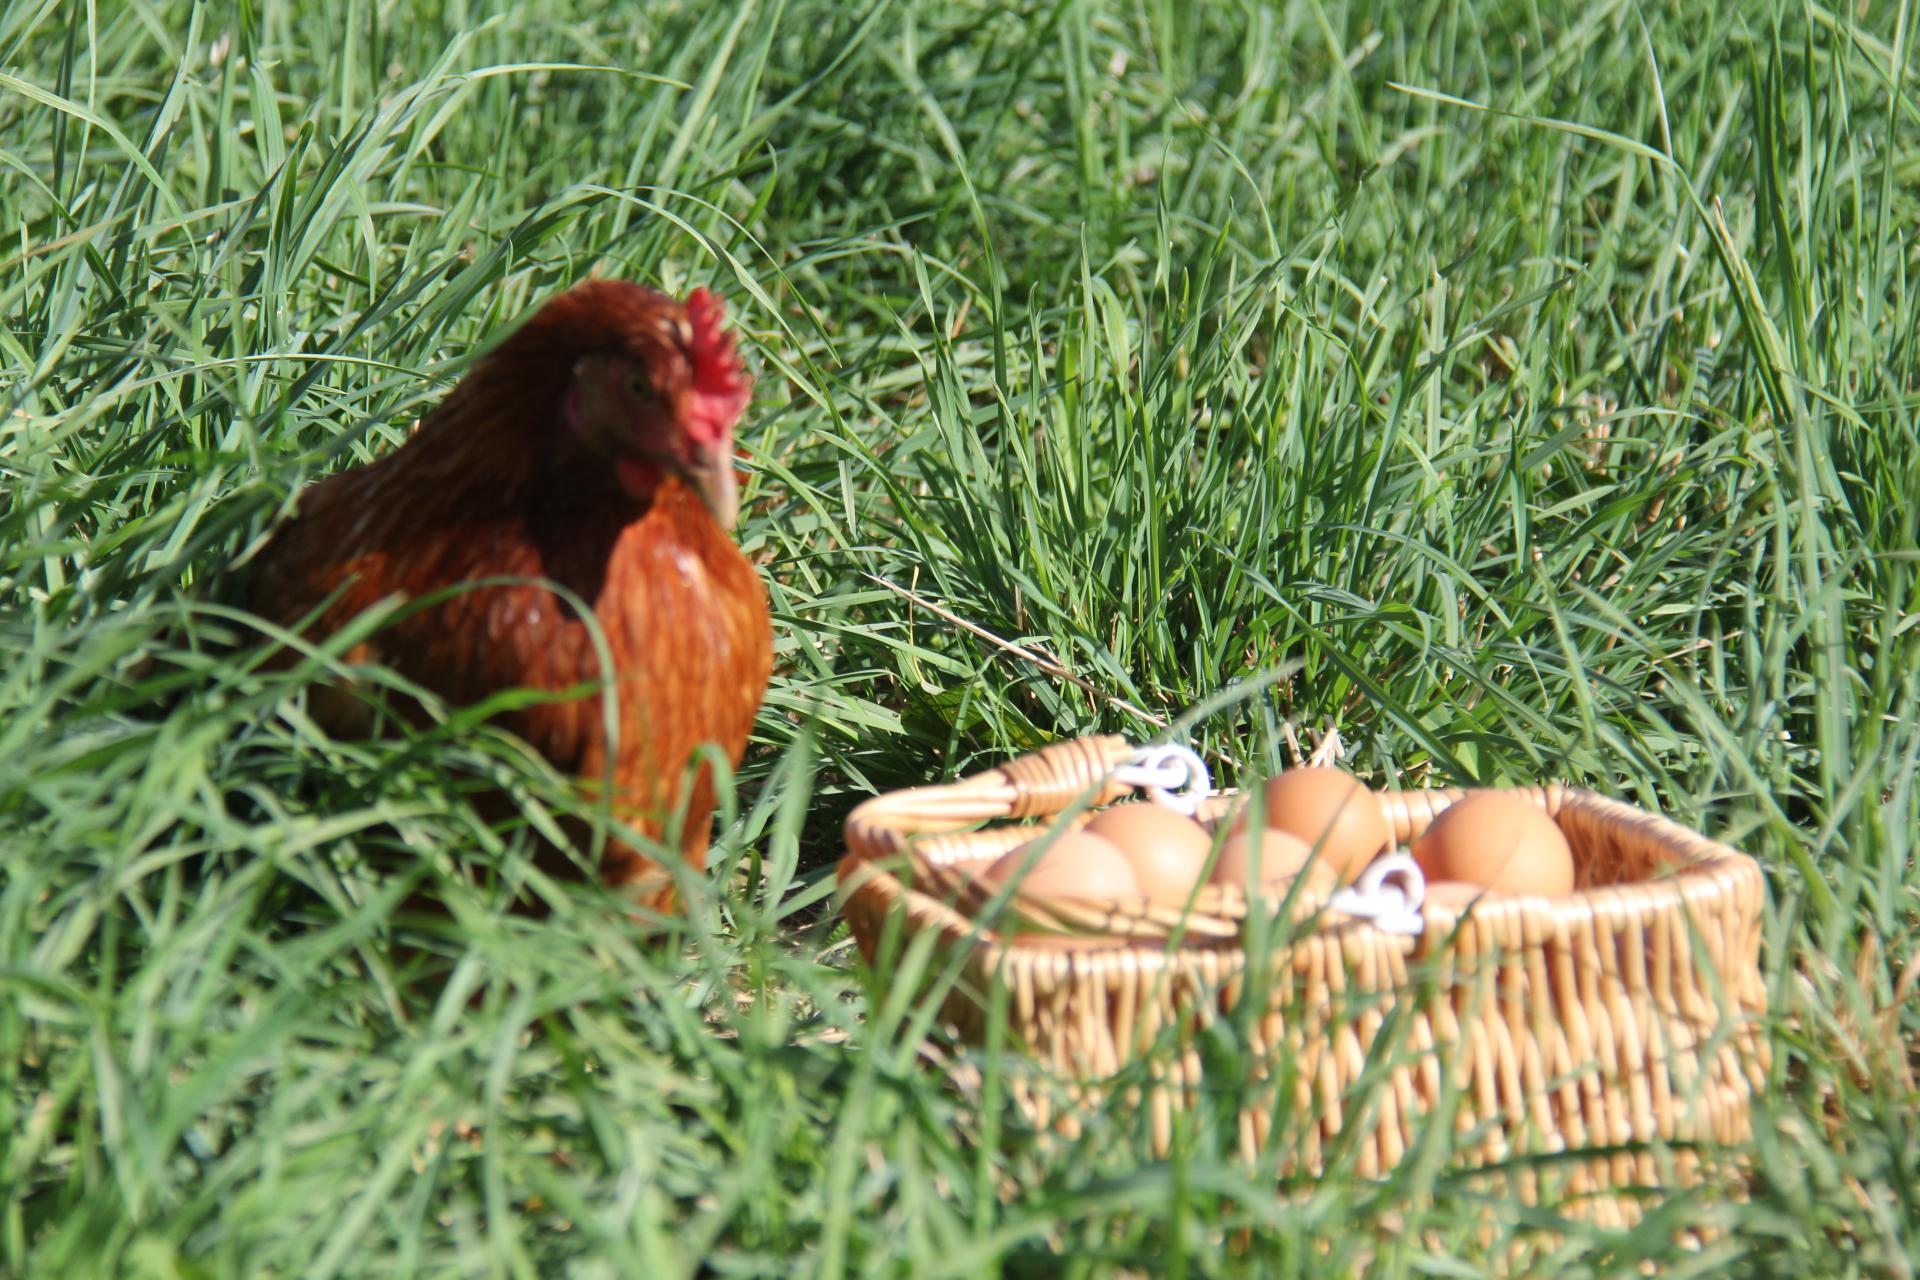 God's Glory Farm, Purcellville, VA, pasture raised non-GMO eggs